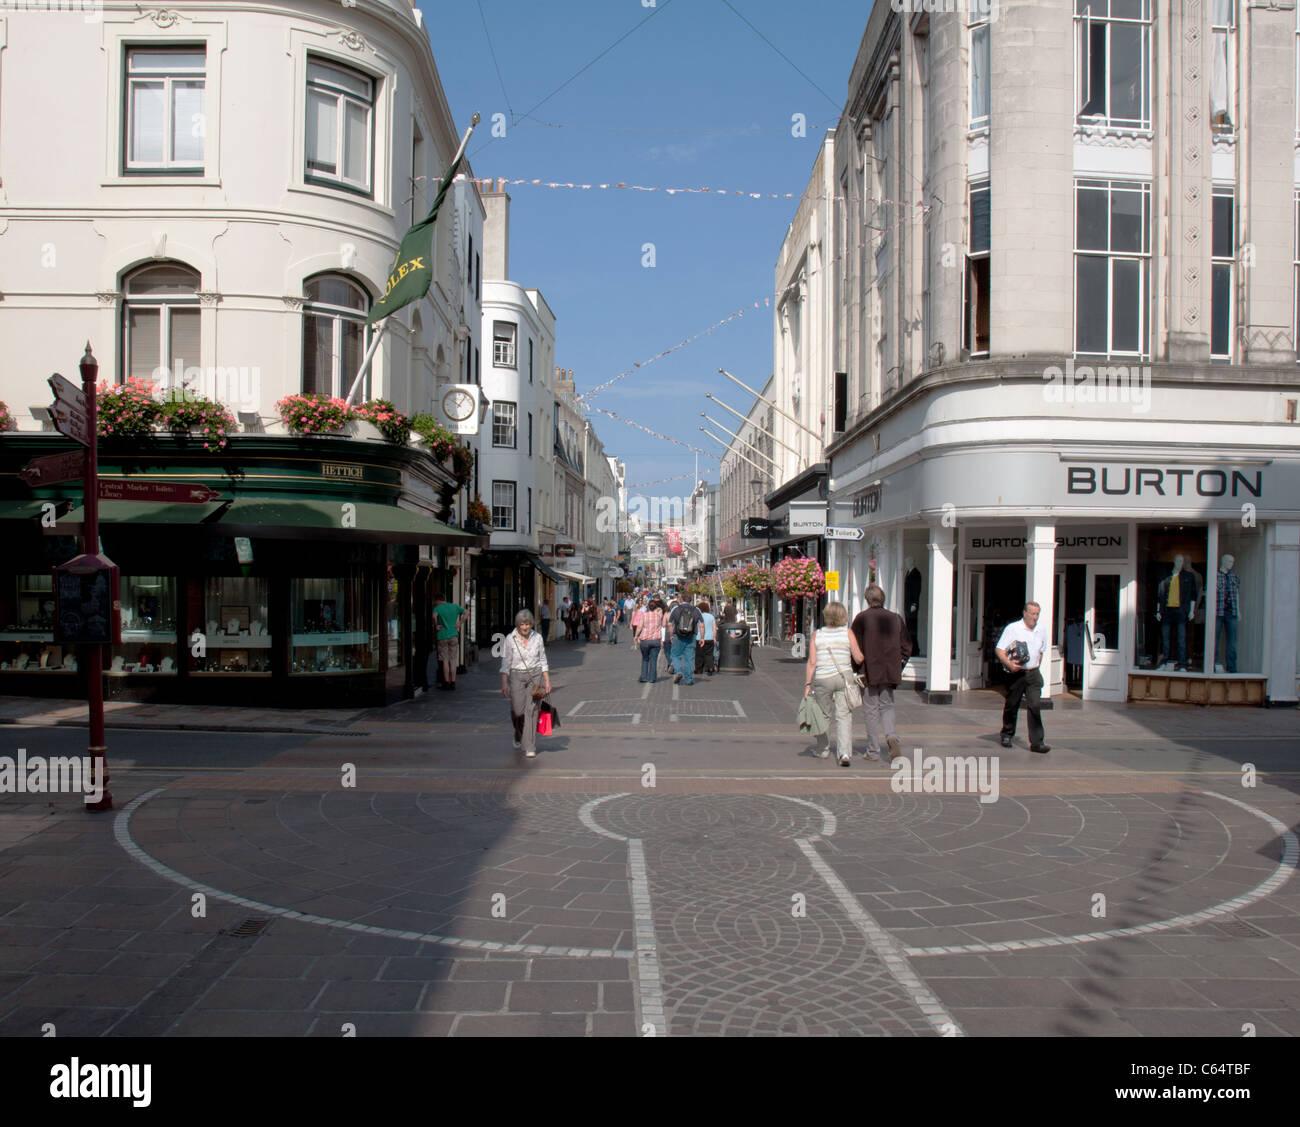 King Street, St Helier, Jersey - Stock Image